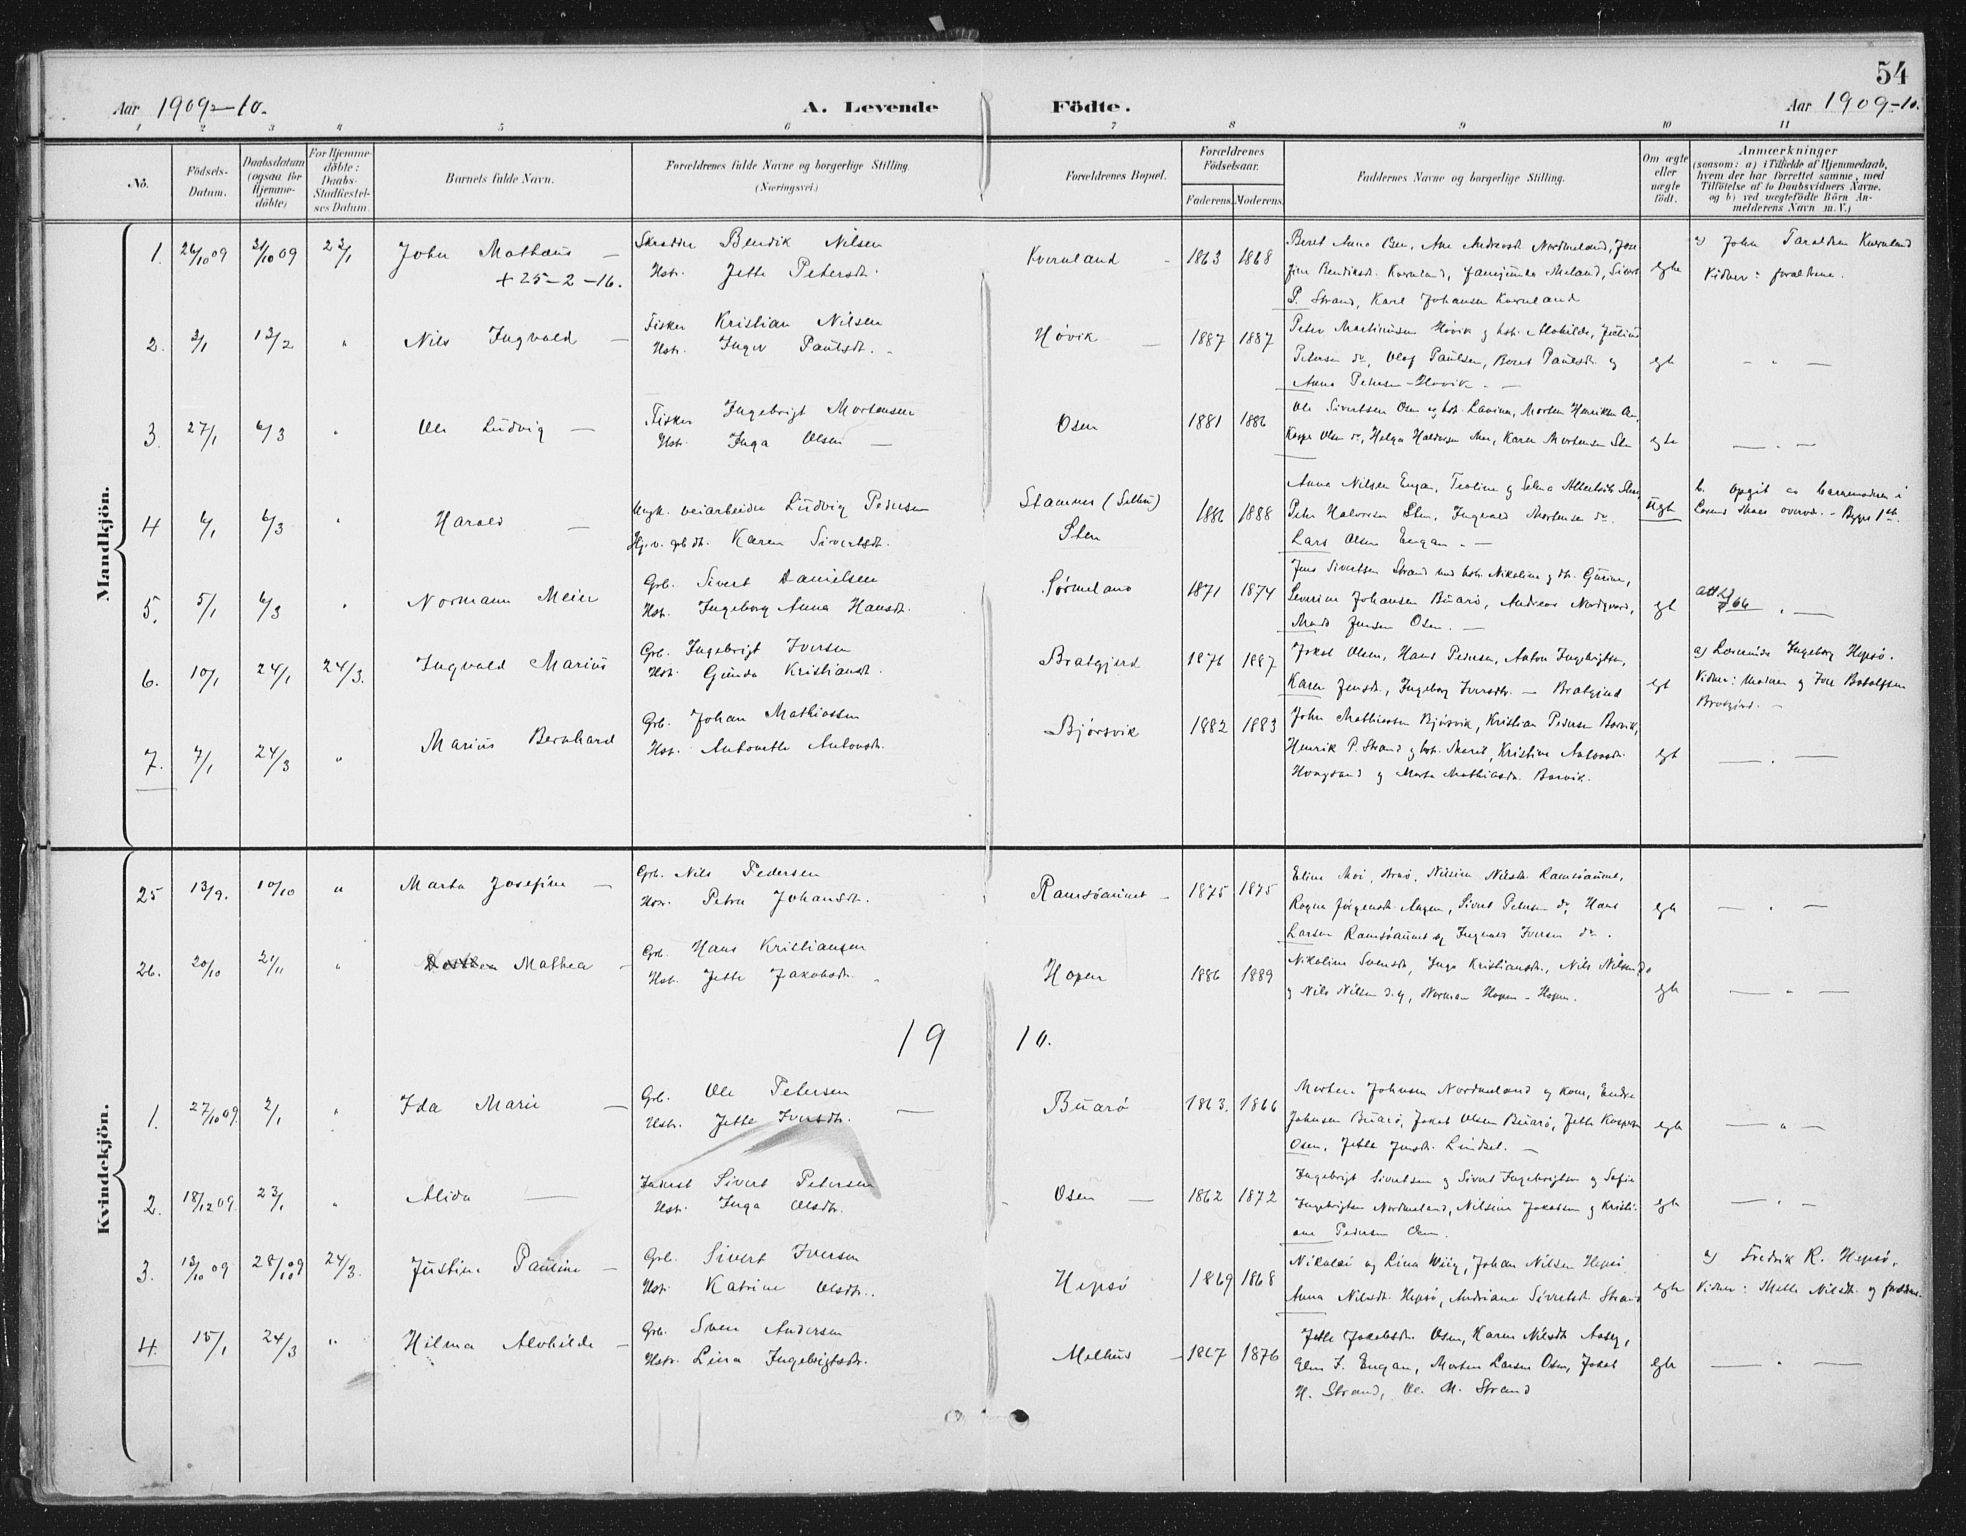 SAT, Ministerialprotokoller, klokkerbøker og fødselsregistre - Sør-Trøndelag, 658/L0723: Ministerialbok nr. 658A02, 1897-1912, s. 54